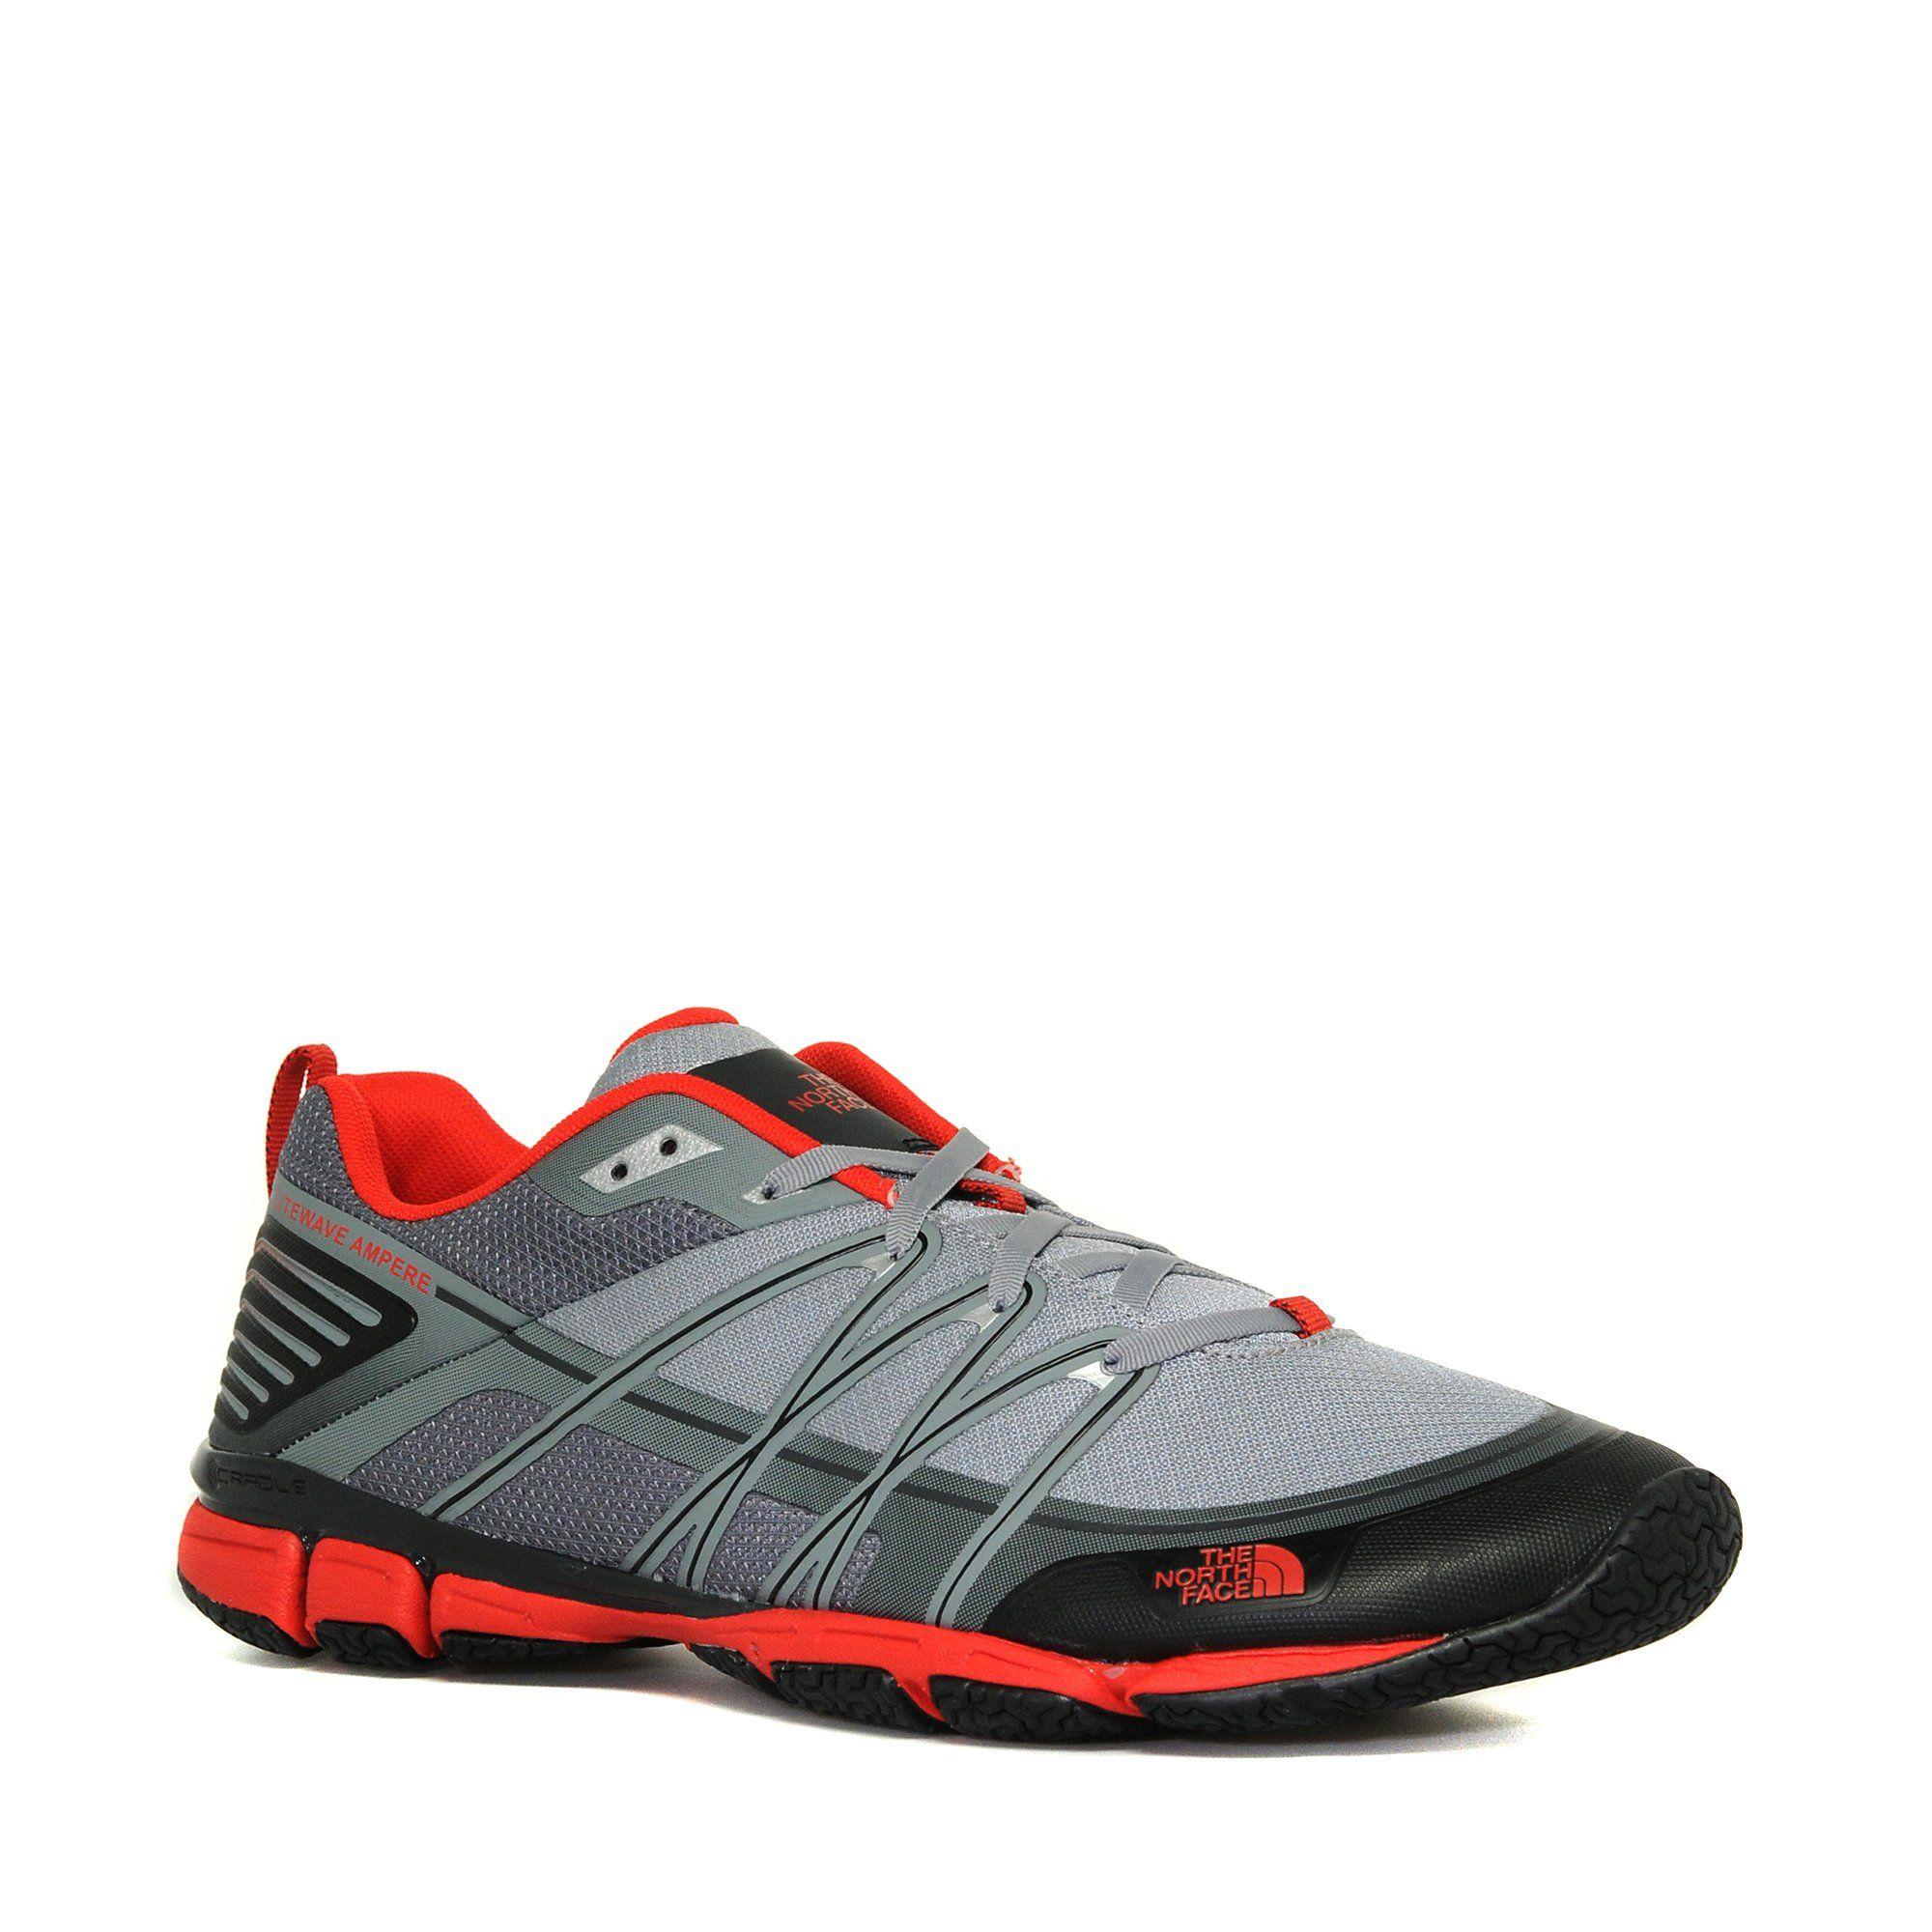 THE NORTH FACE Men's Litewave Shoes